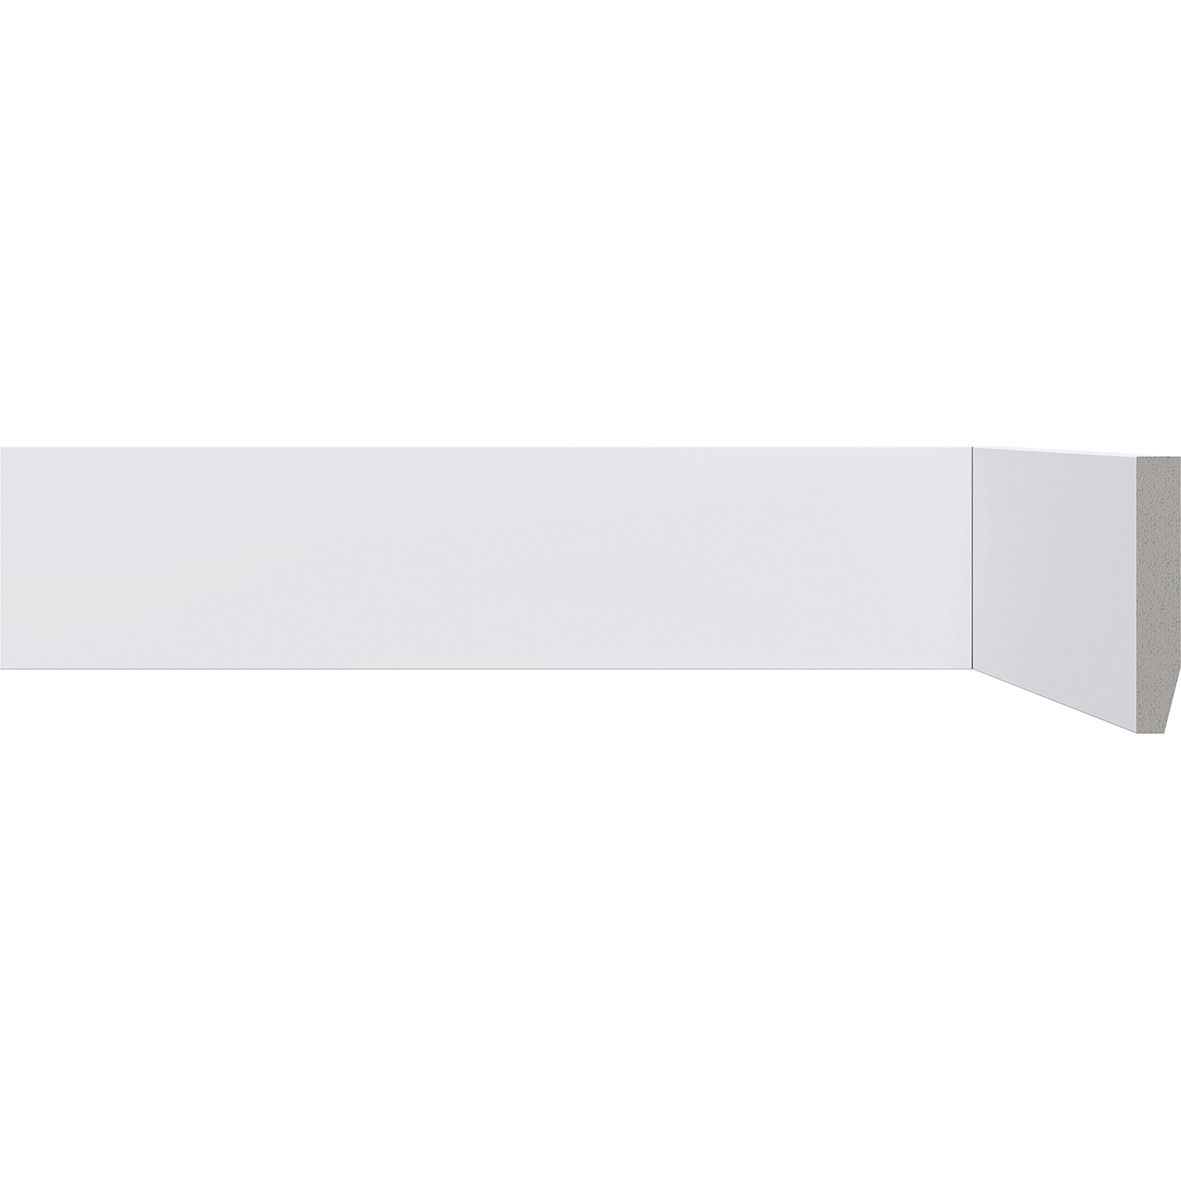 Rodapé Branco Premium 5 Cm Liso De Poliestireno